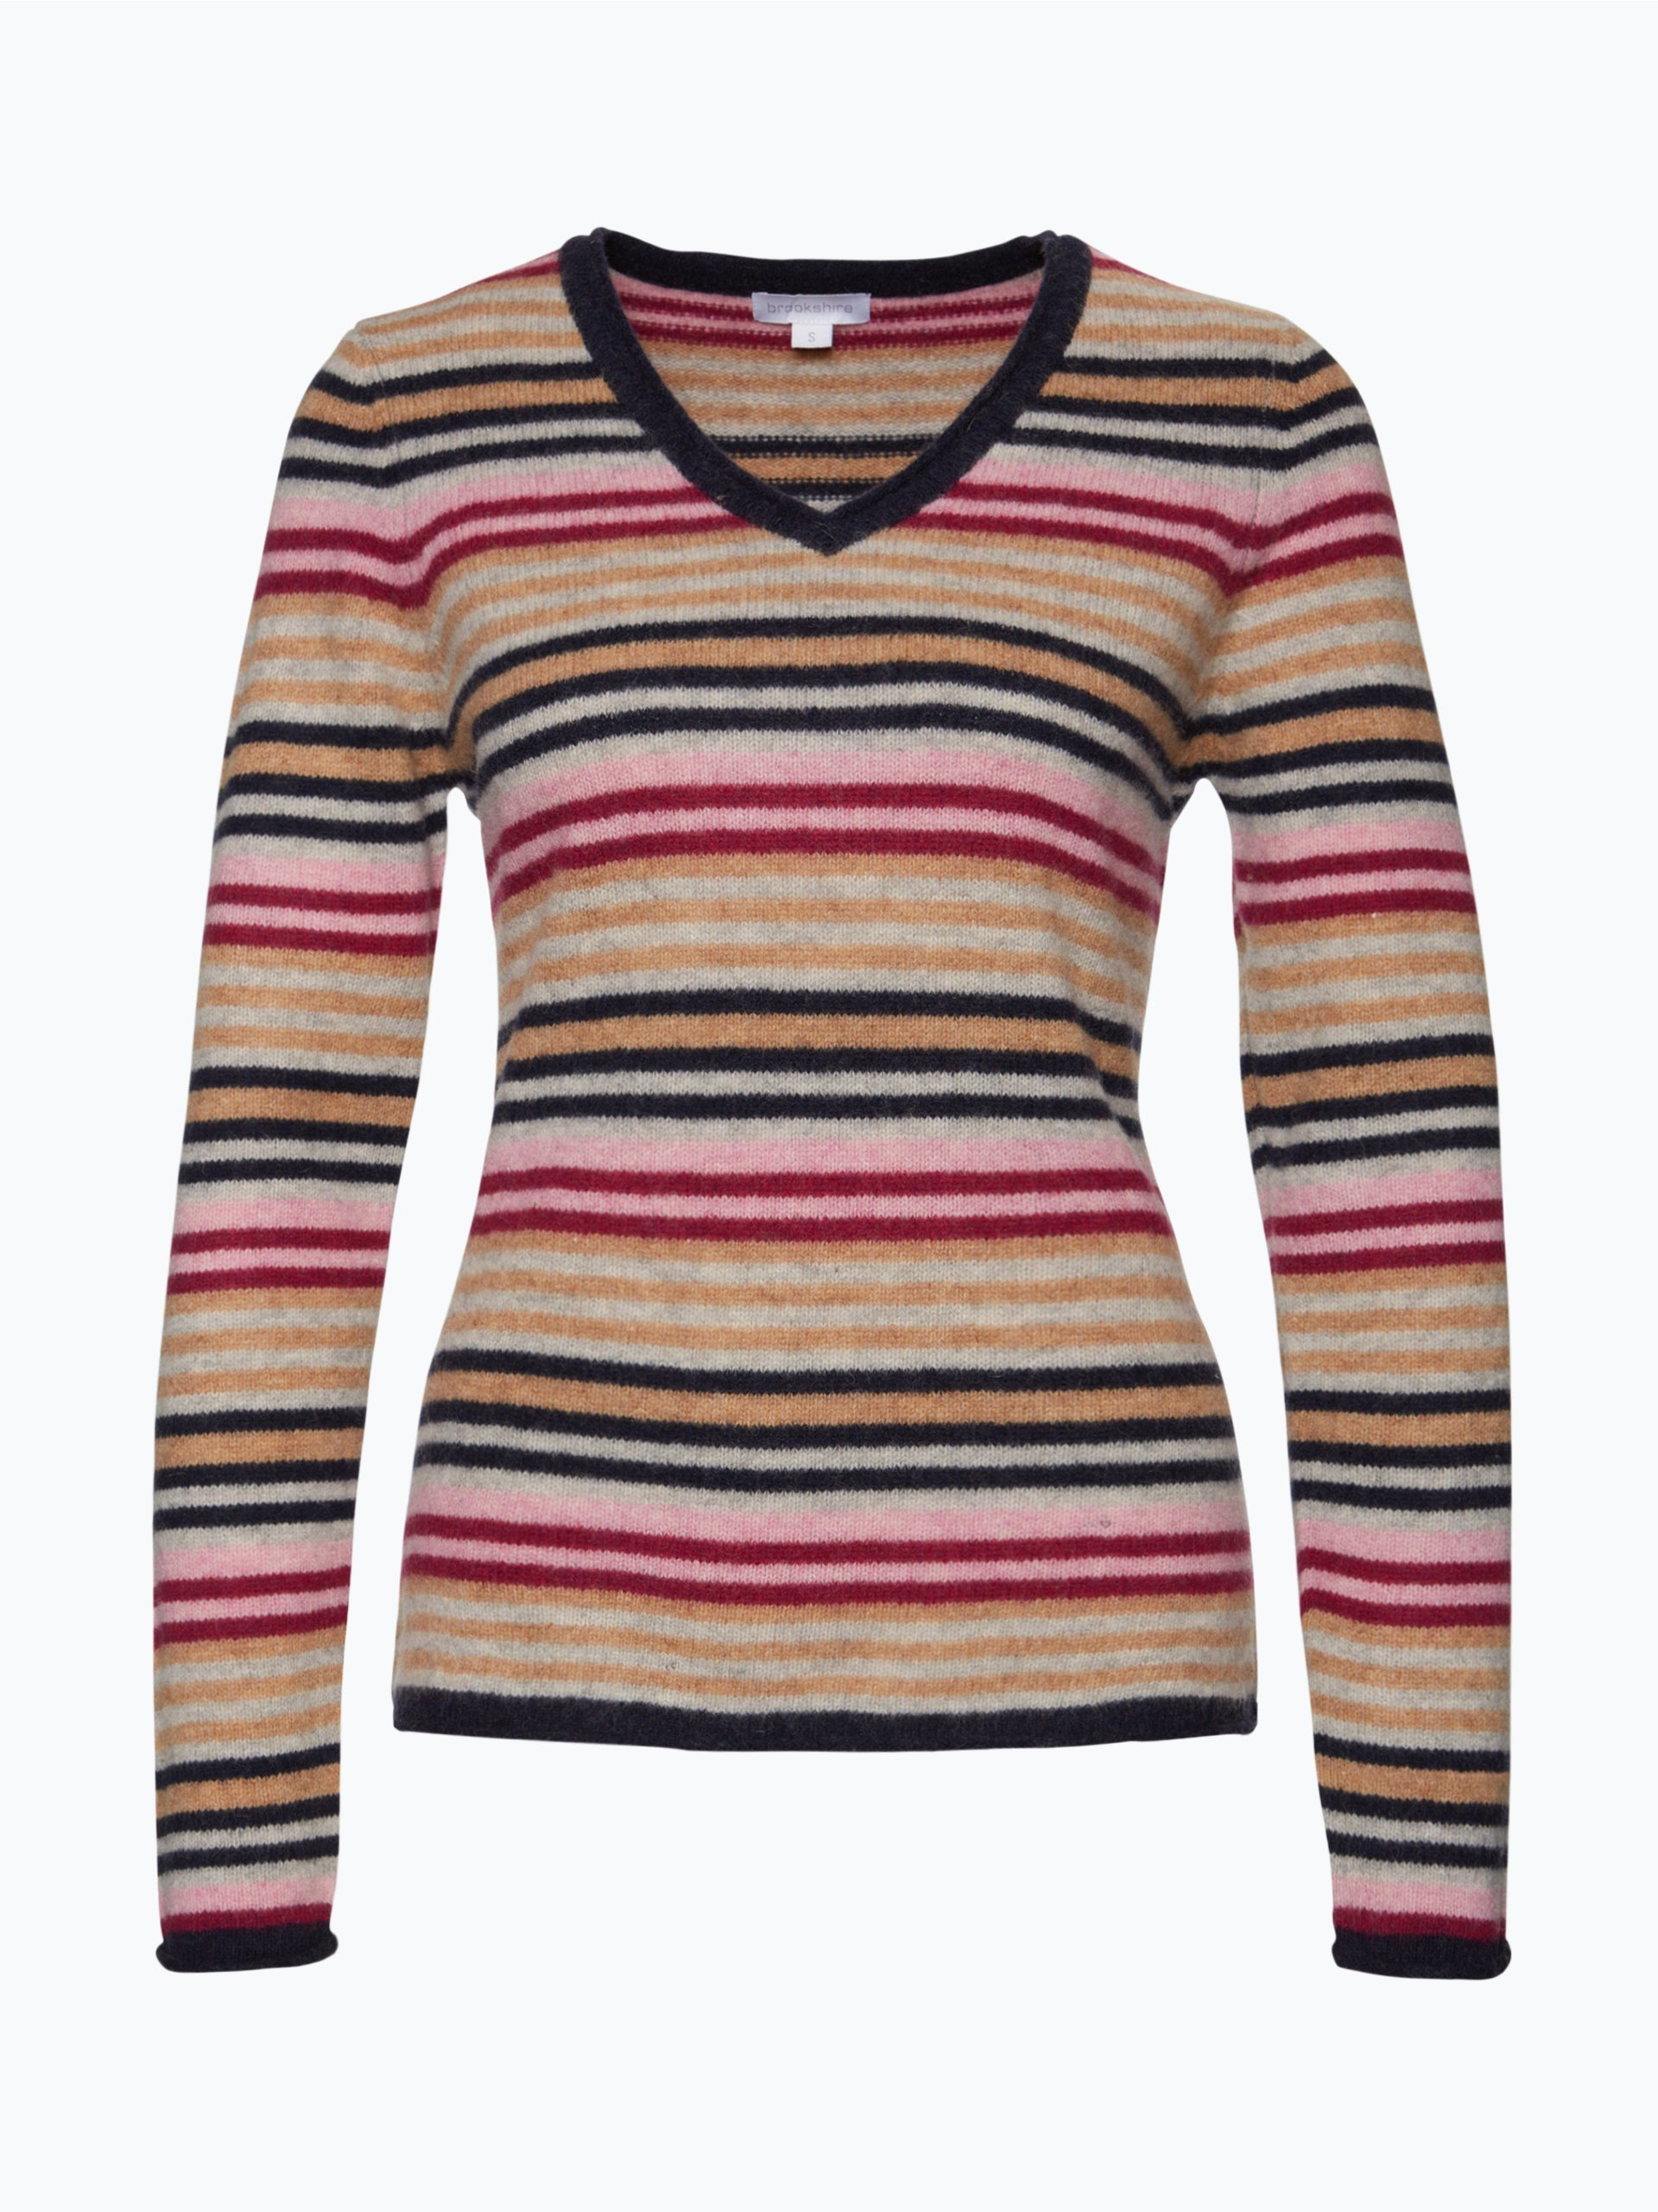 brookshire damen pullover marine gestreift online kaufen. Black Bedroom Furniture Sets. Home Design Ideas